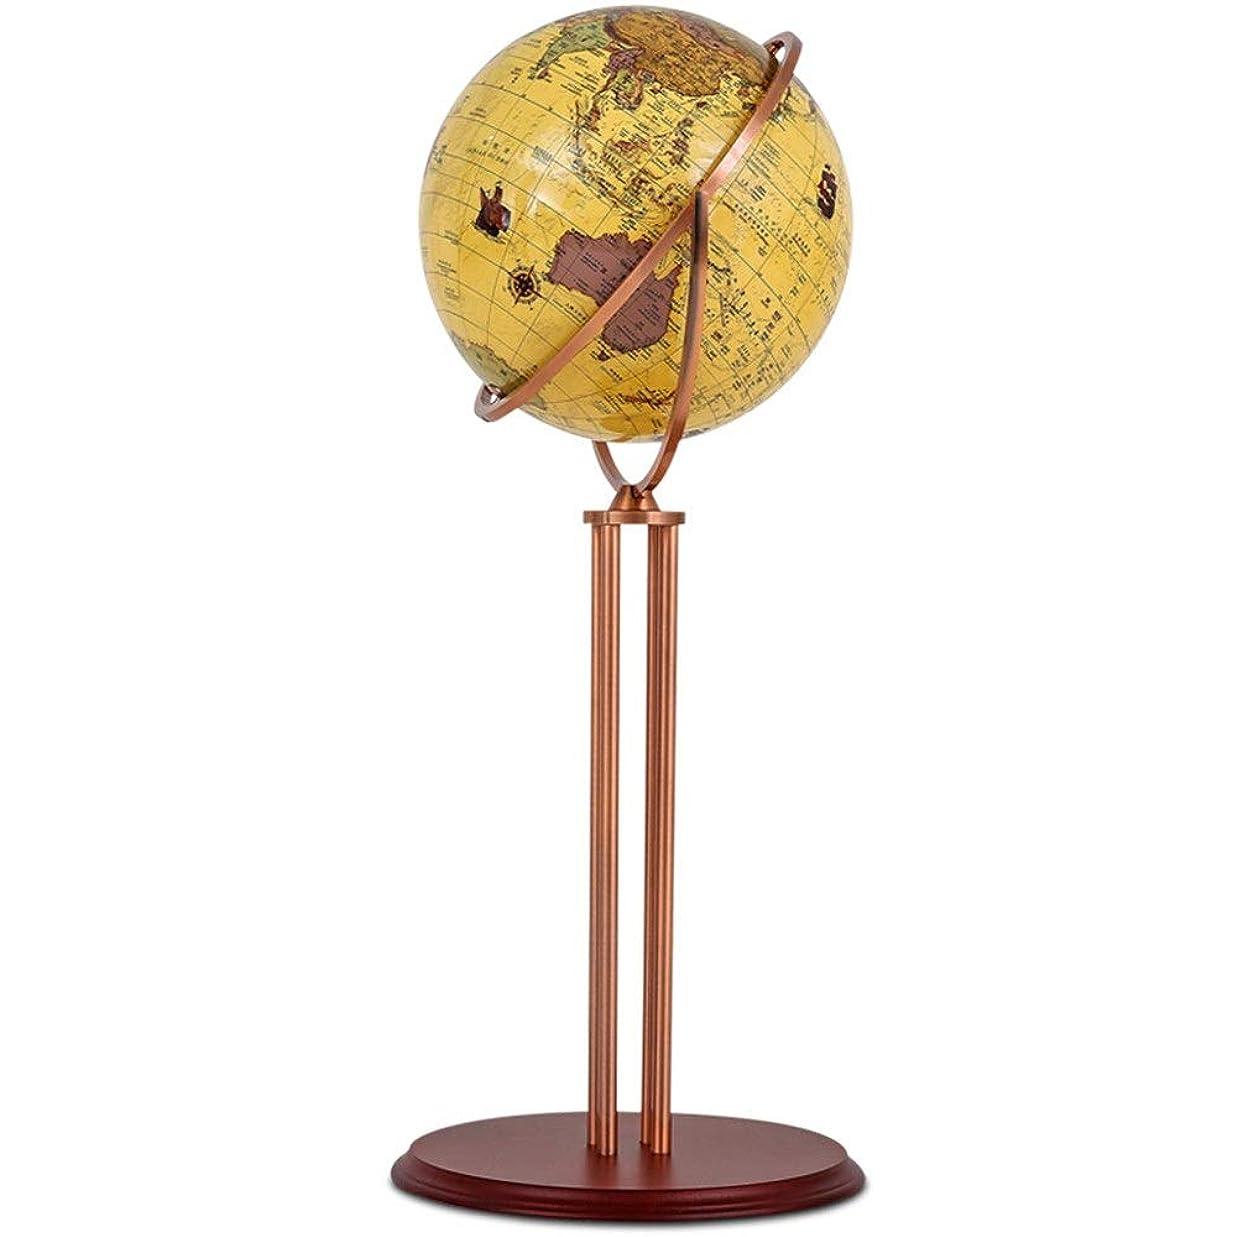 電圧評論家慢性的地球儀 世界の地理学おもちゃの世界グローブデスクトップグローブ42CM HDユニバーサルアンティークグローブハイエンドホームオフィスデコレーション42x110cm 飾り用品 (Color : Yellow, Size : 42x110cm)